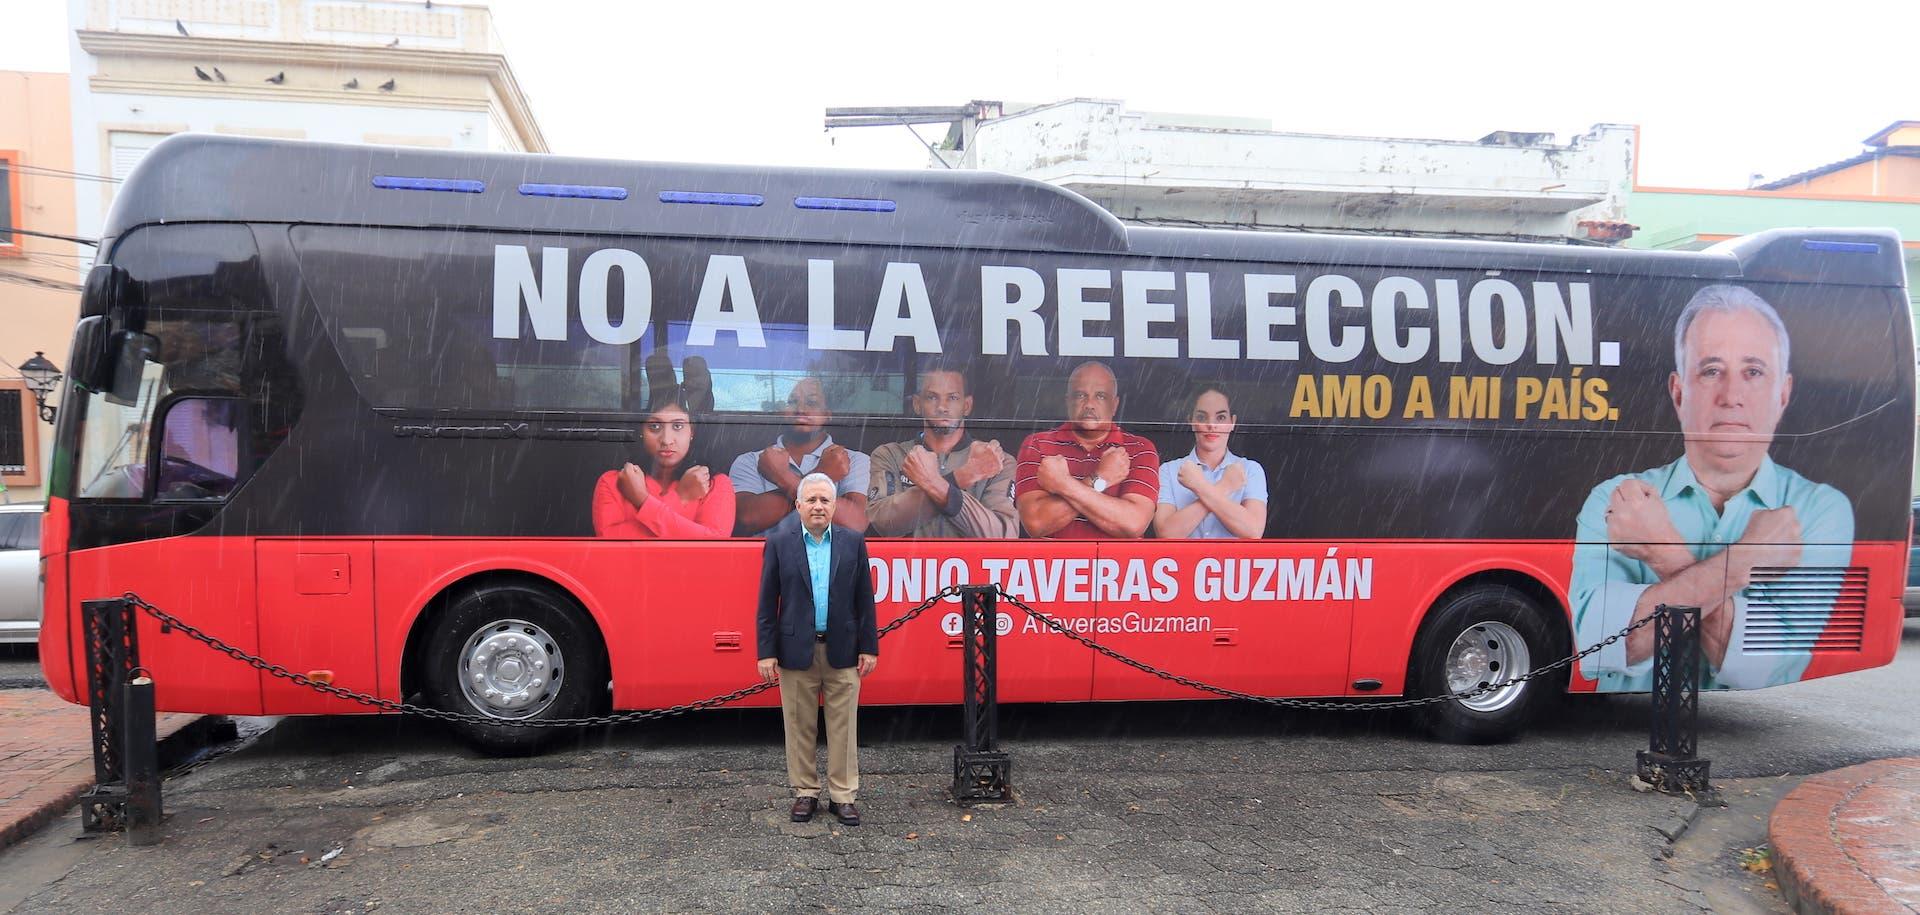 Mira cómo el empresario Taveras Guzmán sale al frente a eventual reelección de Medina